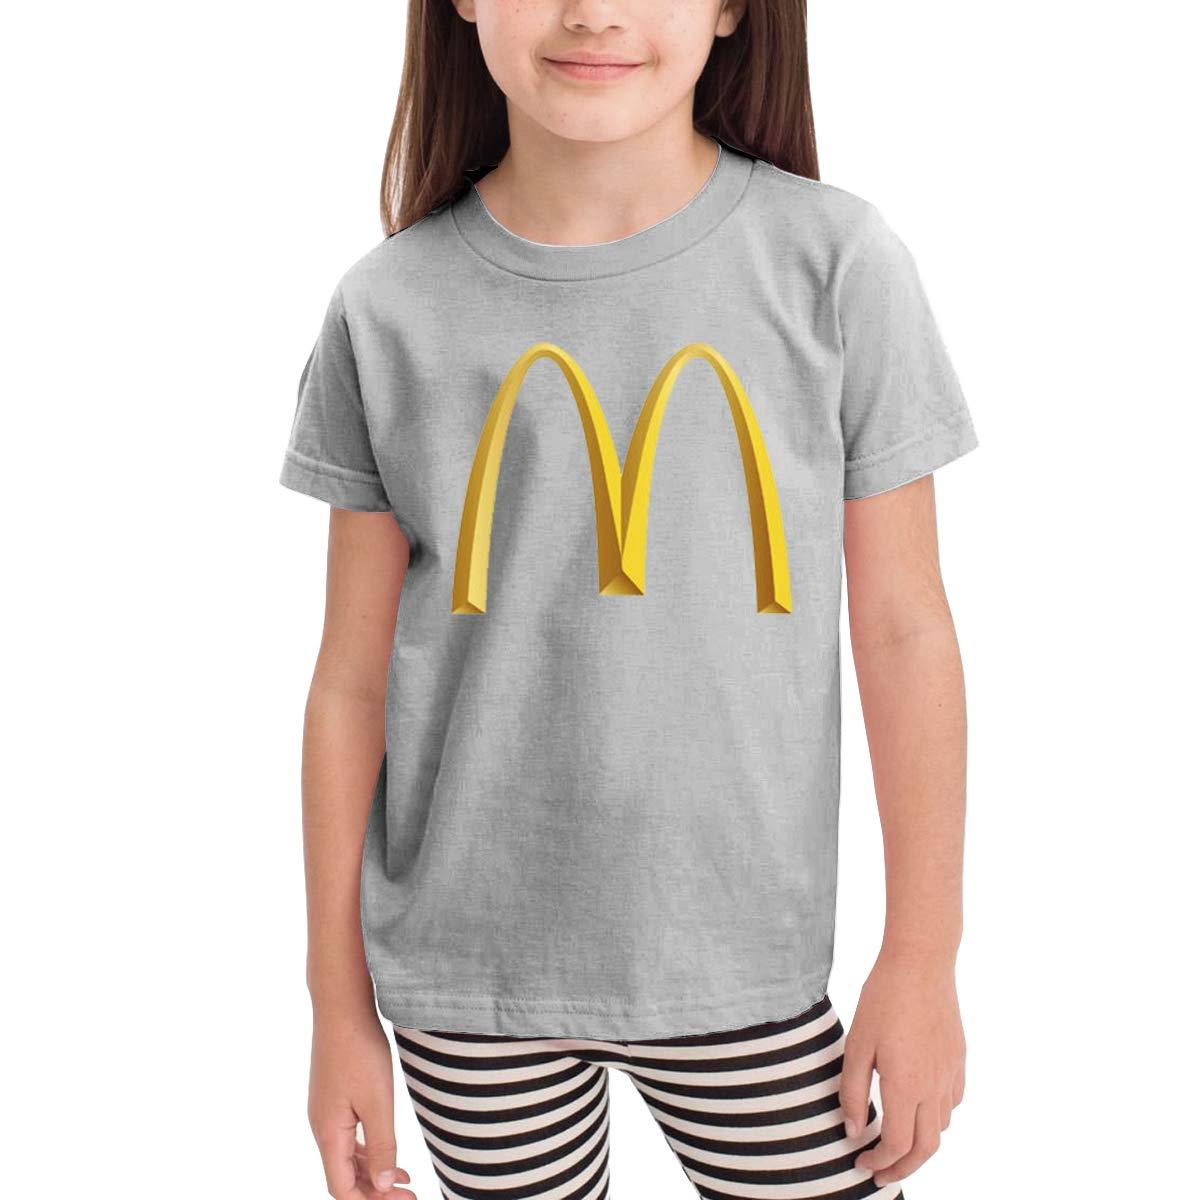 Kids Shirts Classic Logo Shirt Casual Short Sleeve Cotton Summer Clothes Sport T Shirt Tollder Boys Girls